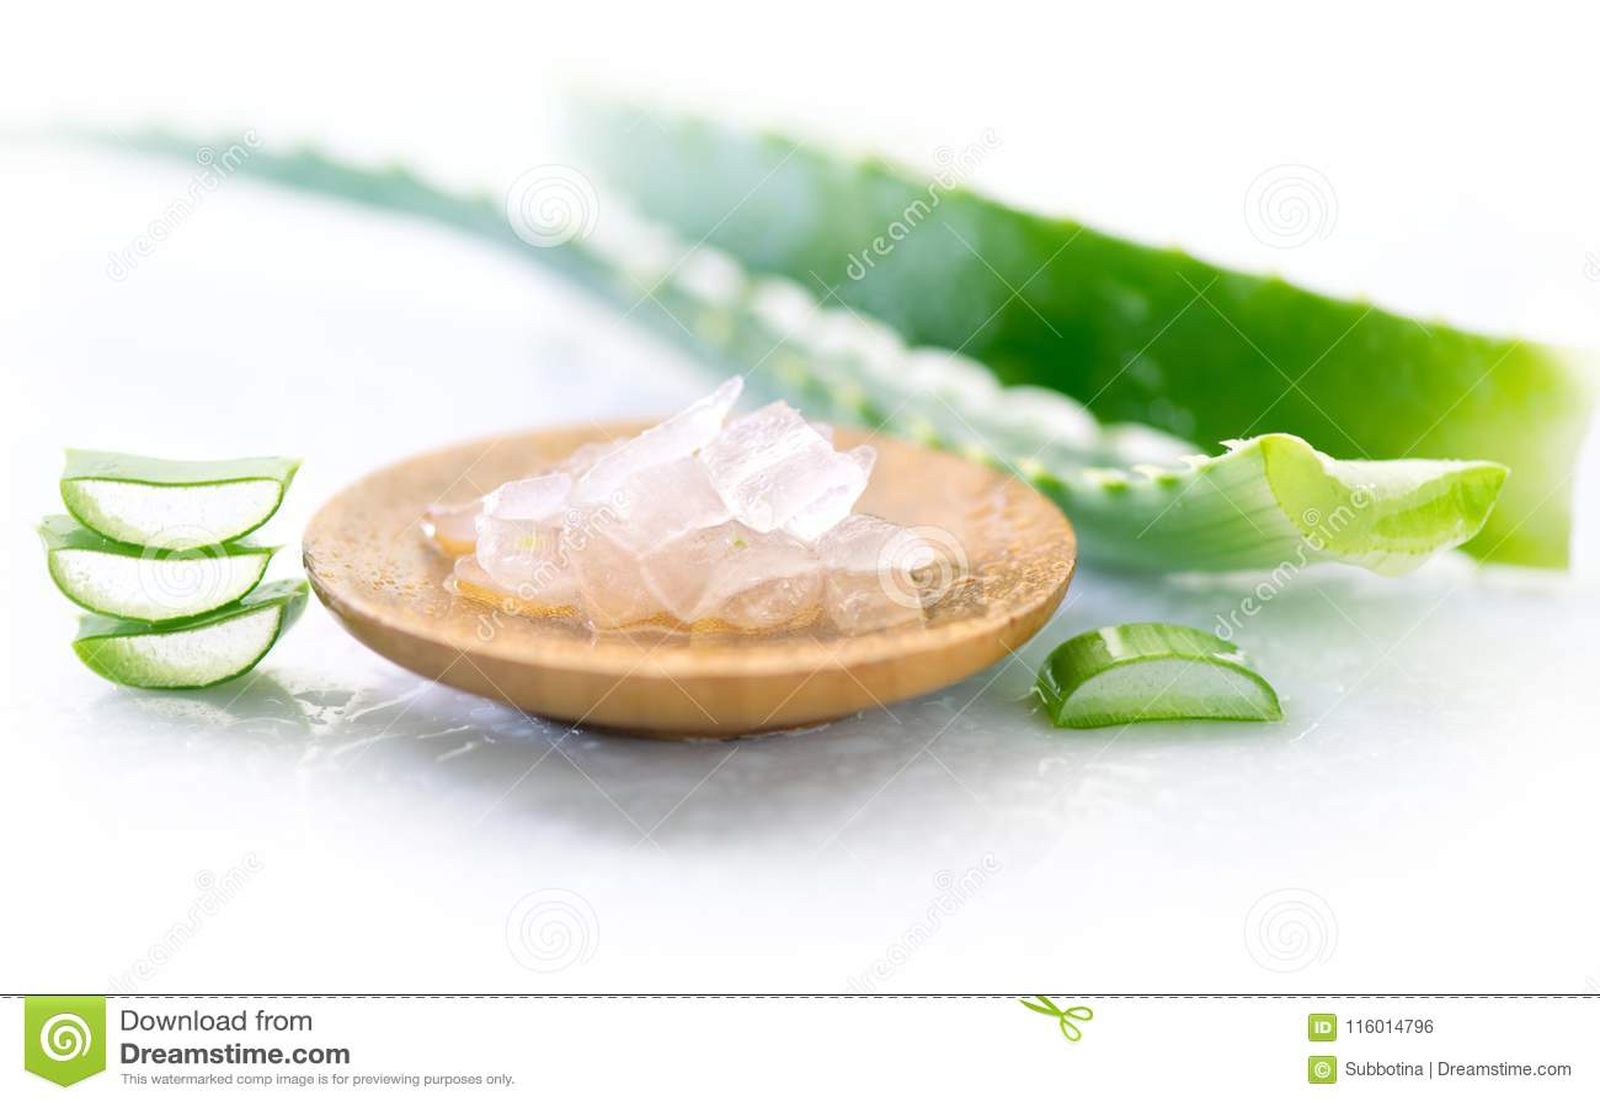 Close up do gel de Vera do aloés Folha do aloevera e gel cortados, ingredientes cosméticos orgânicos naturais para a pele sensíve